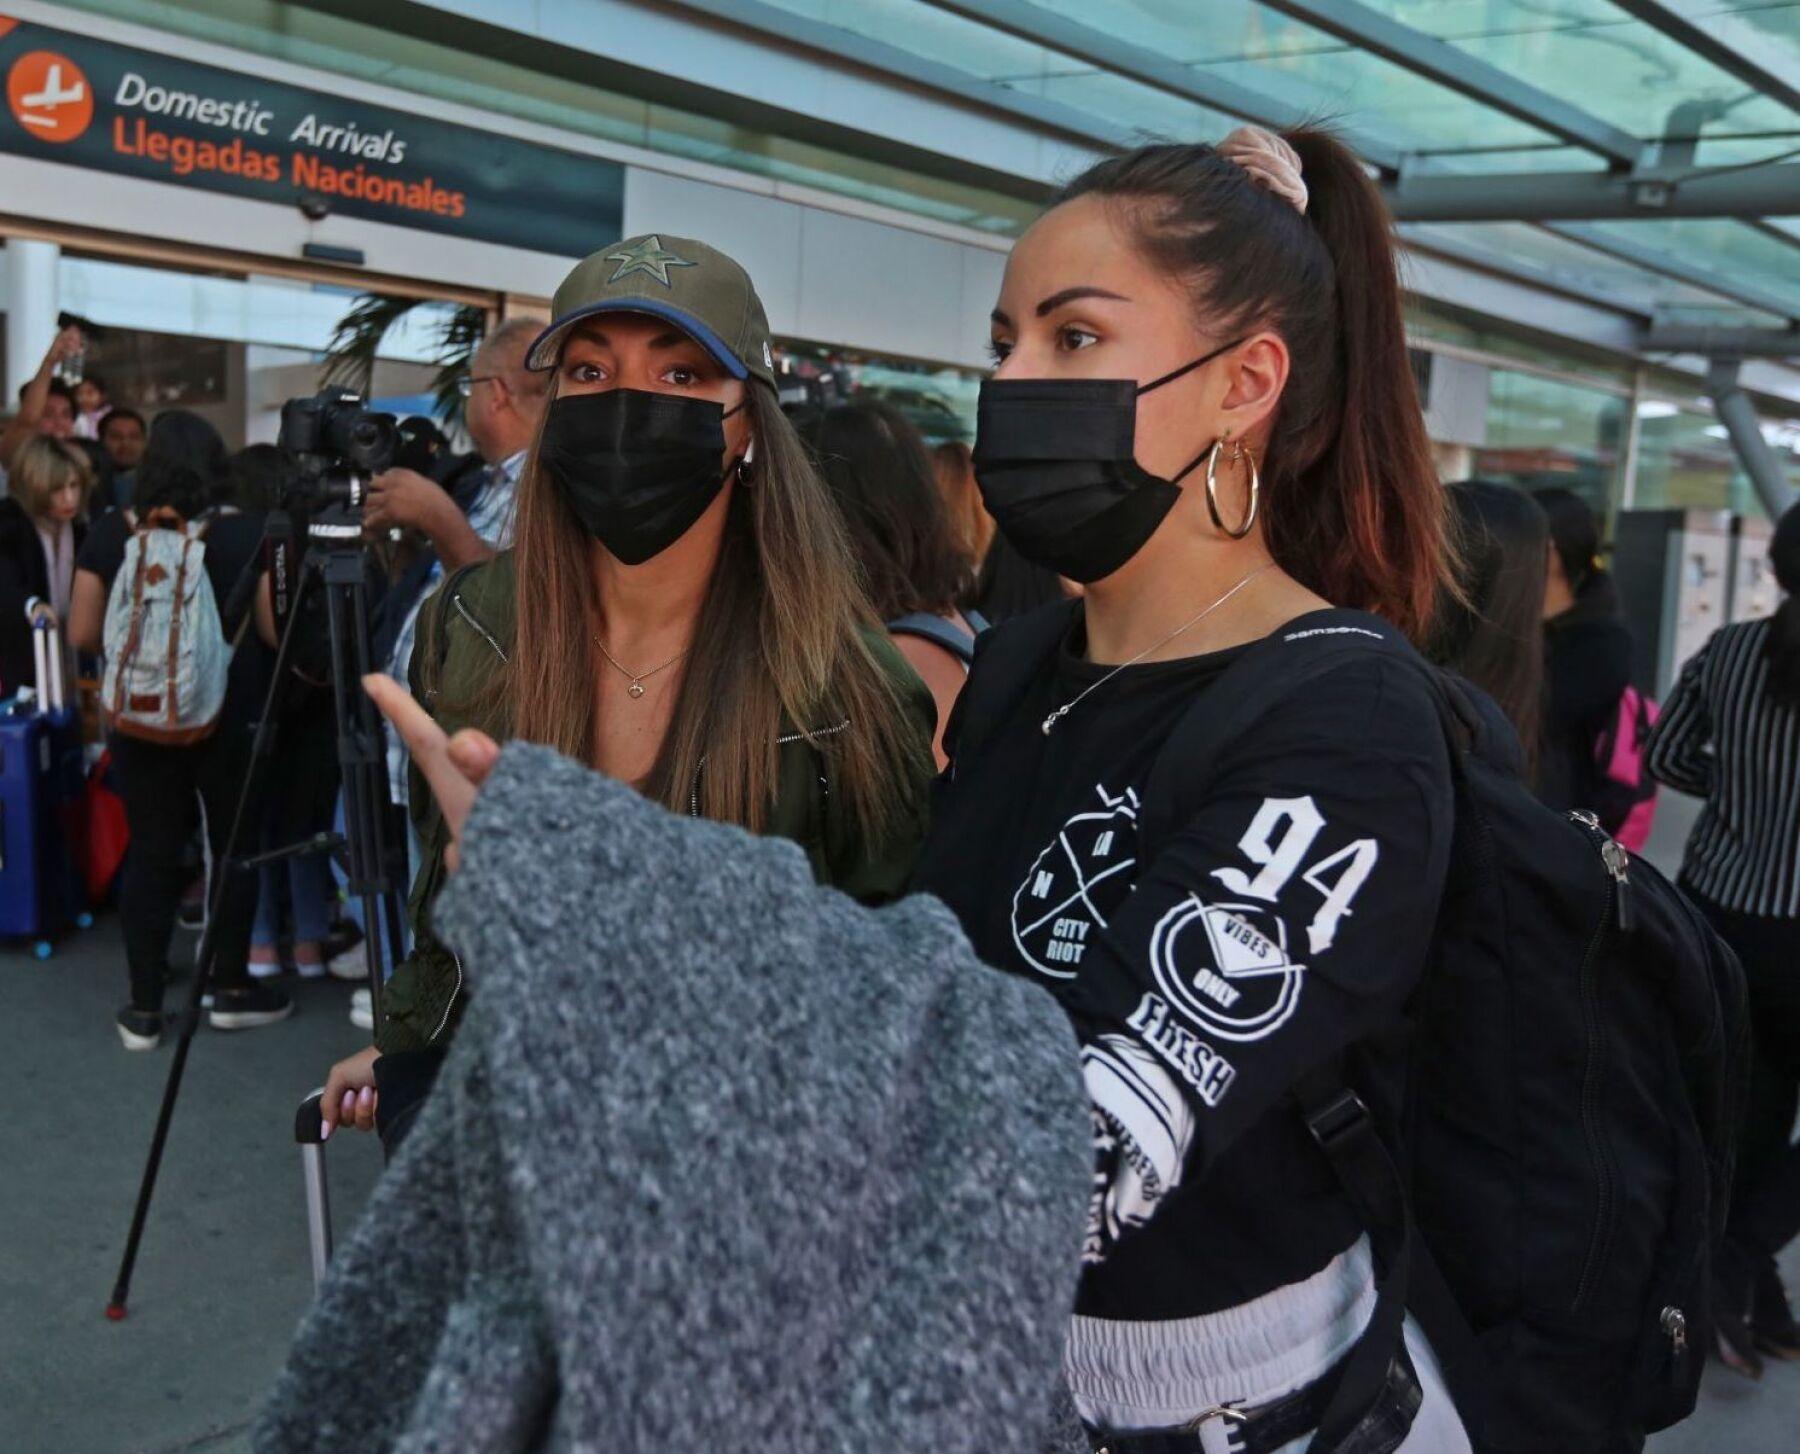 Pasajeros que arriban a Jalisco se Previenen por brote de Coronavirus que afecta a China.